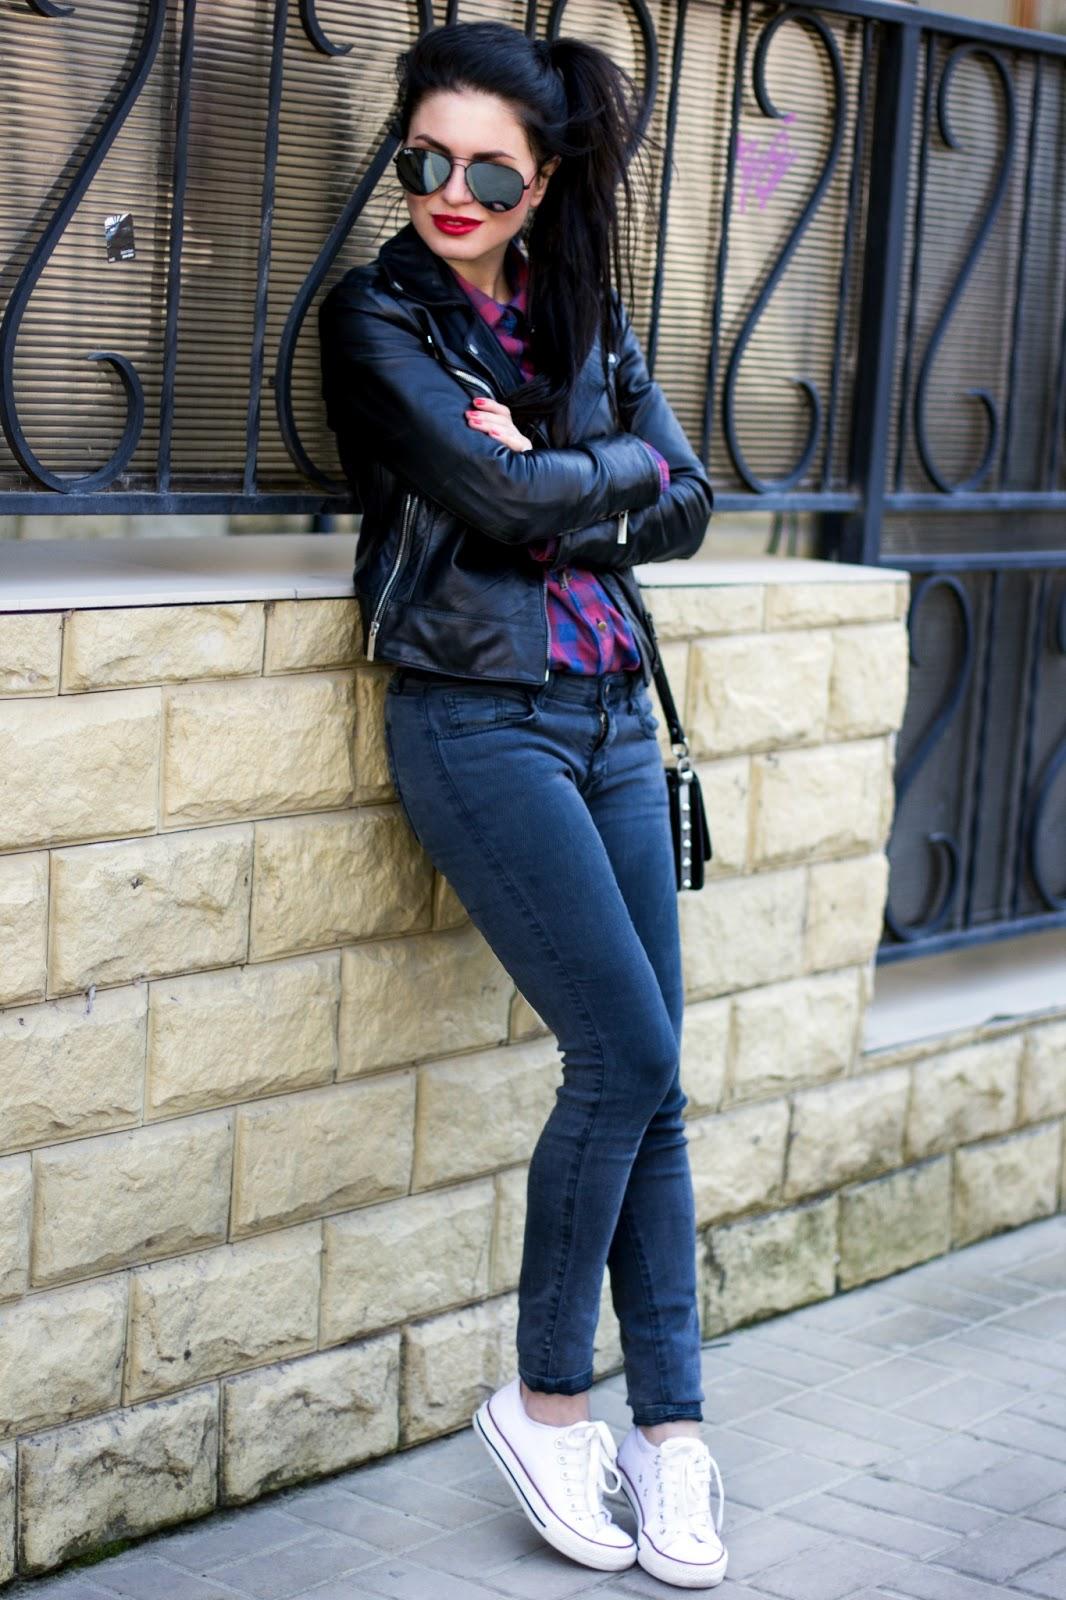 Брюнетки в джинсах фото на аву